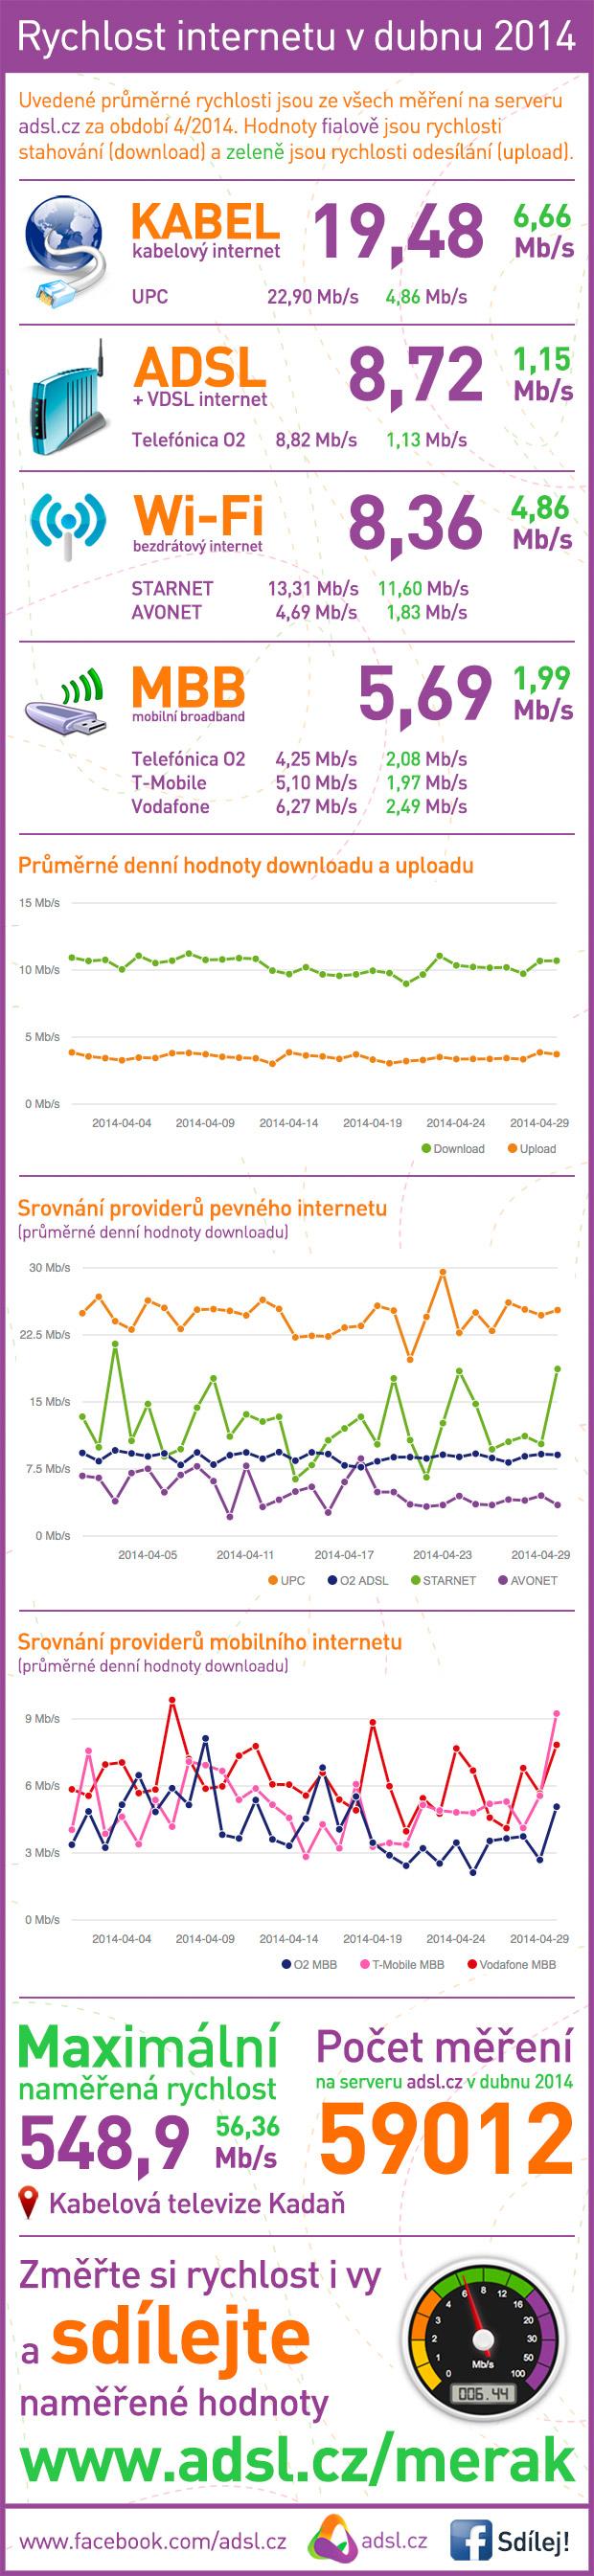 Rychlost internetu duben 2014